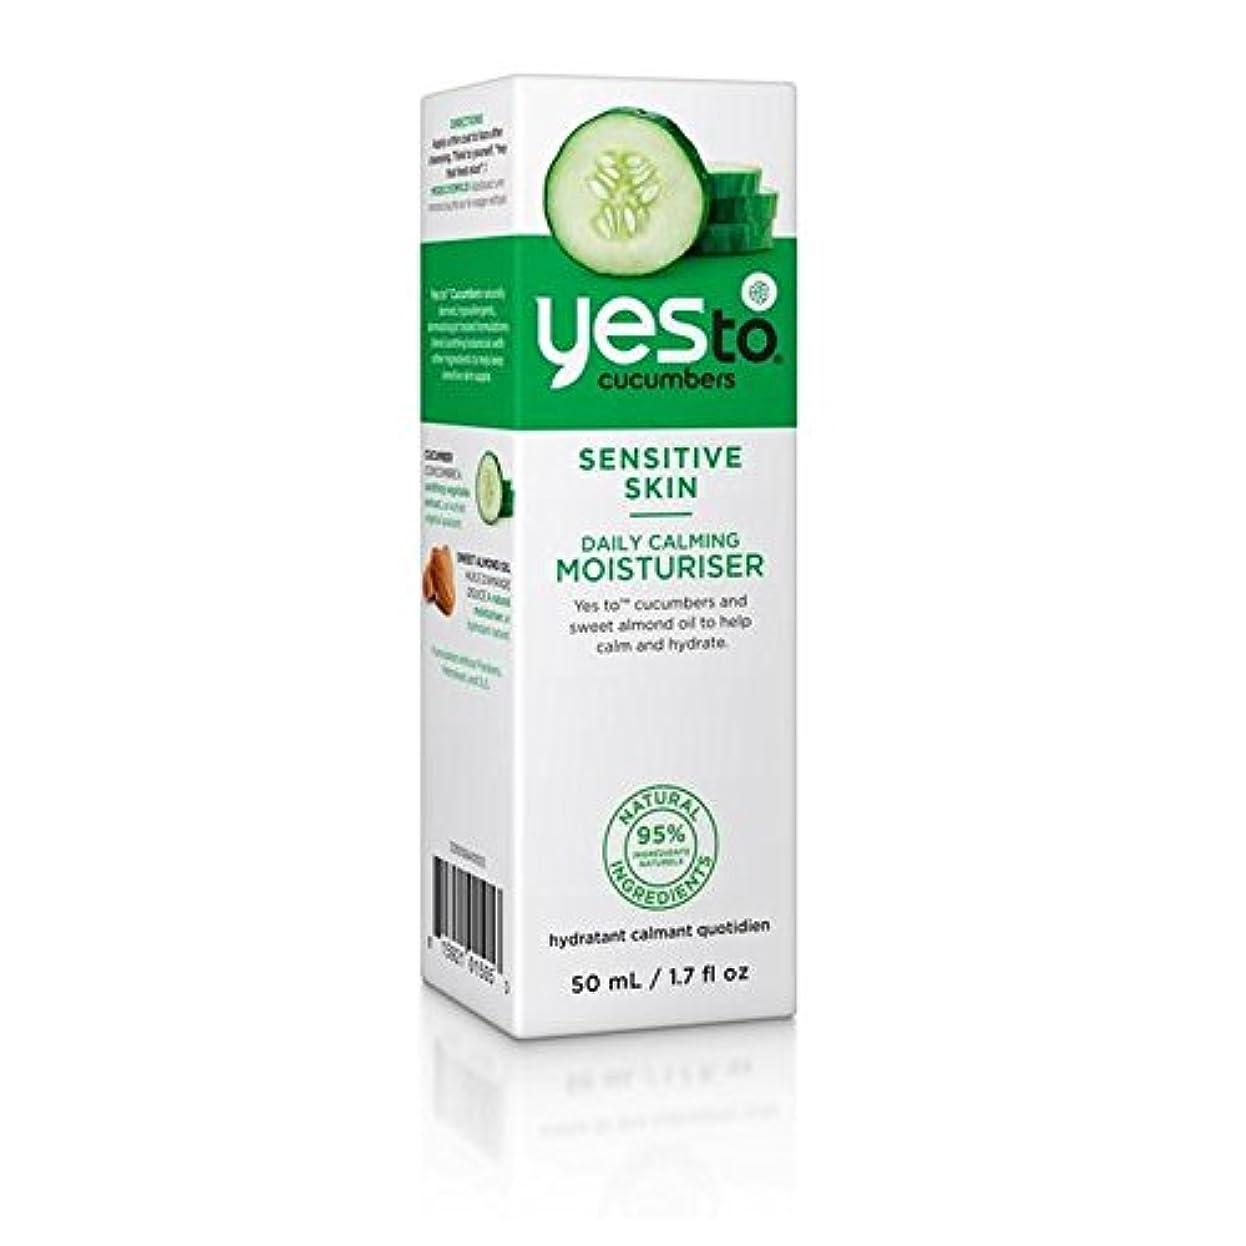 参照パスタ今まではいキュウリ保湿50ミリリットルへ x4 - Yes to Cucumbers Moisturiser 50ml (Pack of 4) [並行輸入品]